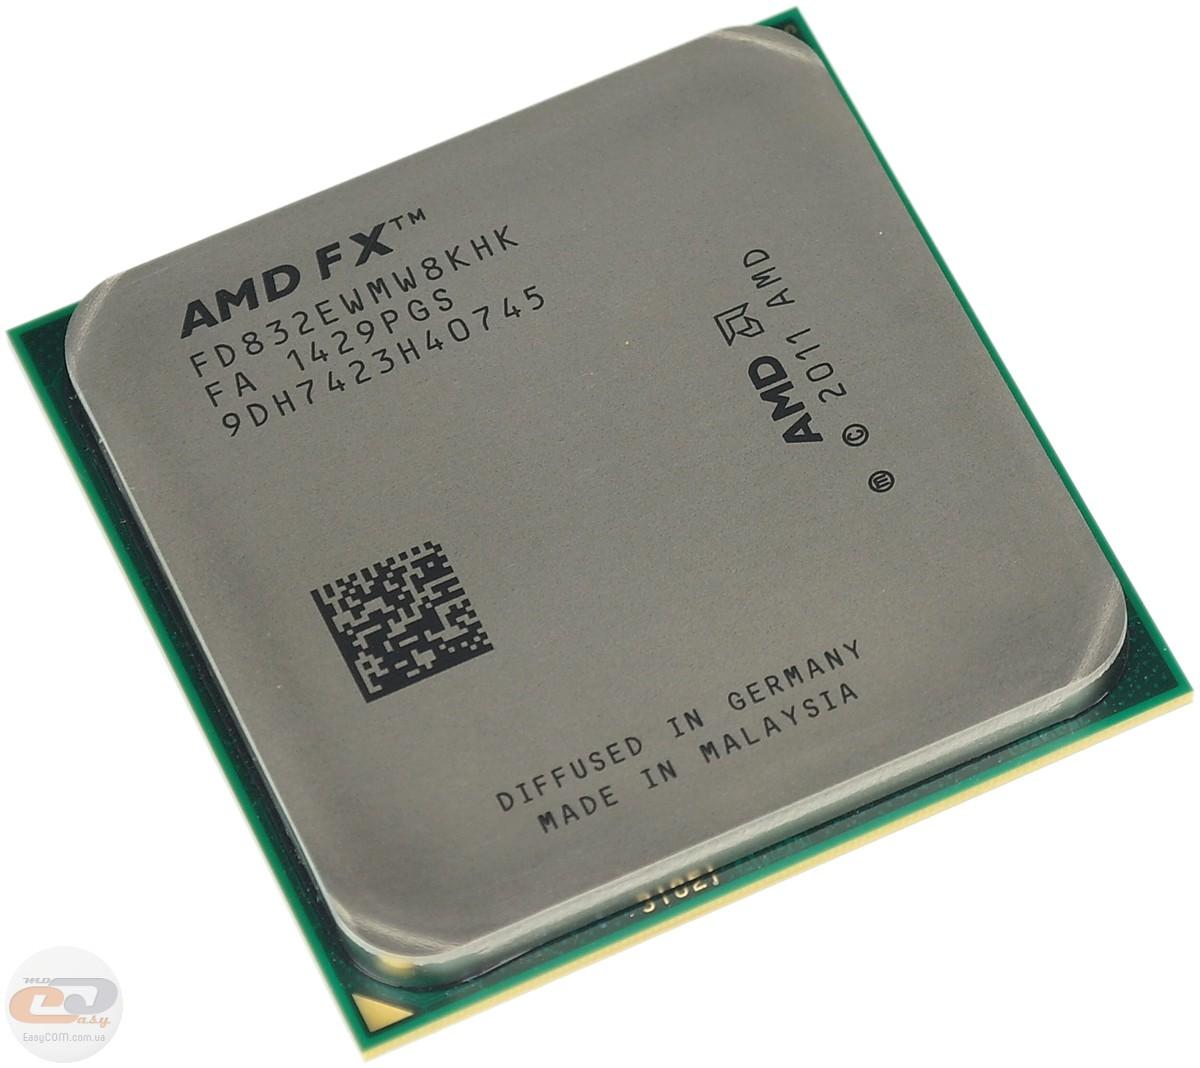 Обзор и тестирование процессора AMD FX-8320E. GECID.com